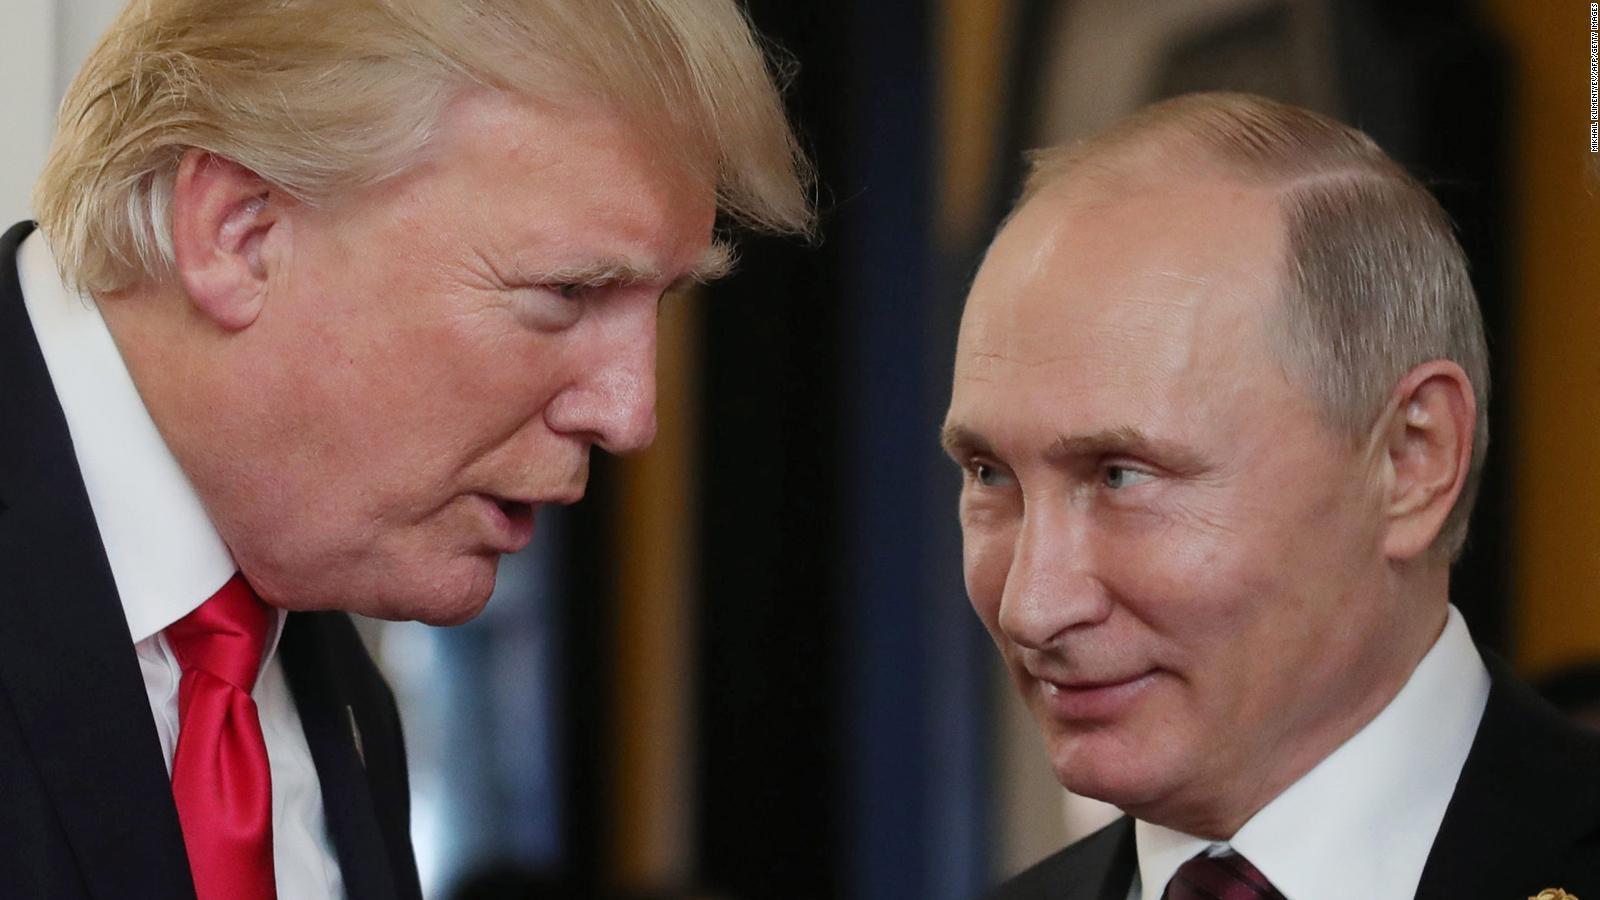 Putin espera a Trump después de una irreal visita del presidente de EE.UU. con sus aliados https://t.co/W1NtqFXUea https://t.co/TuQSzaWNih